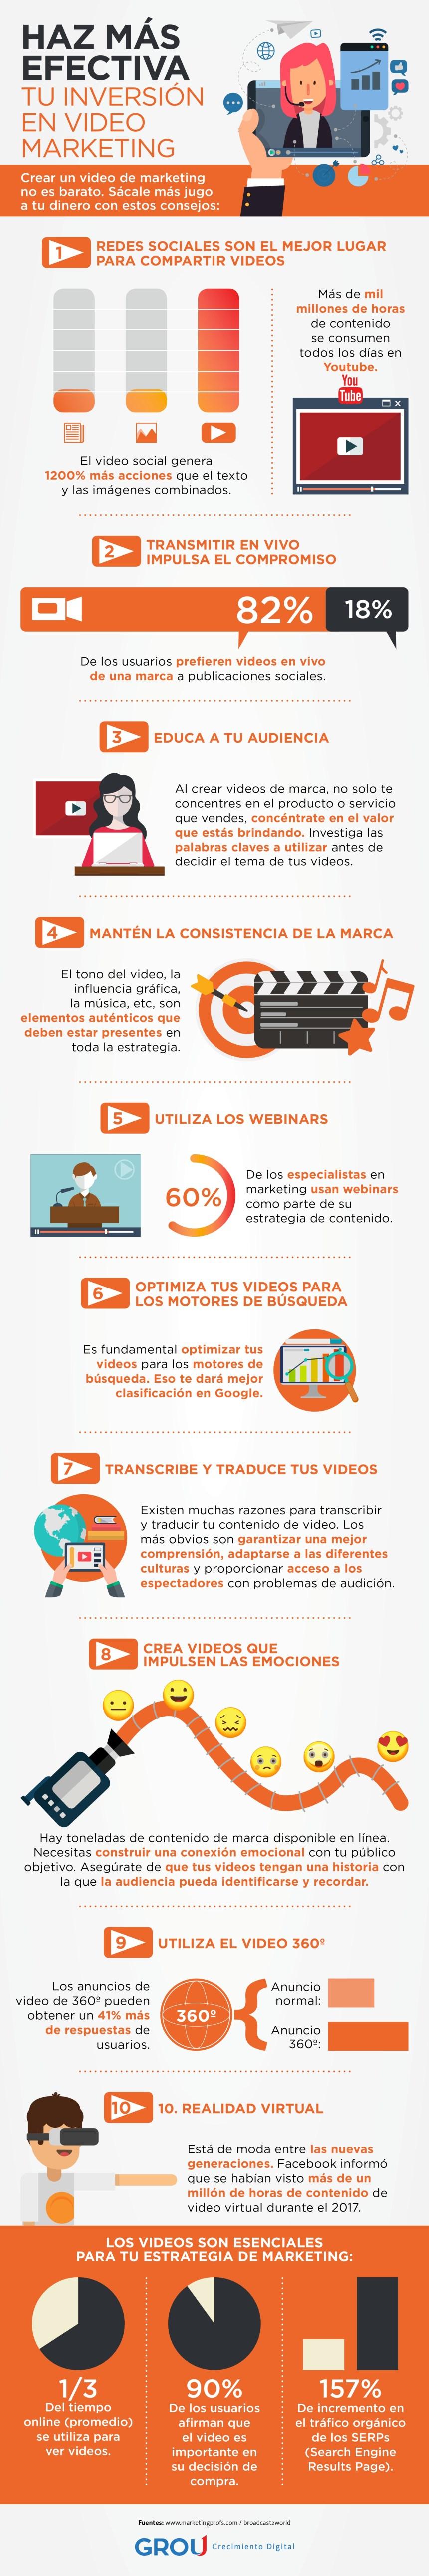 Cómo hacer más rentable tu inversión en vídeo marketing